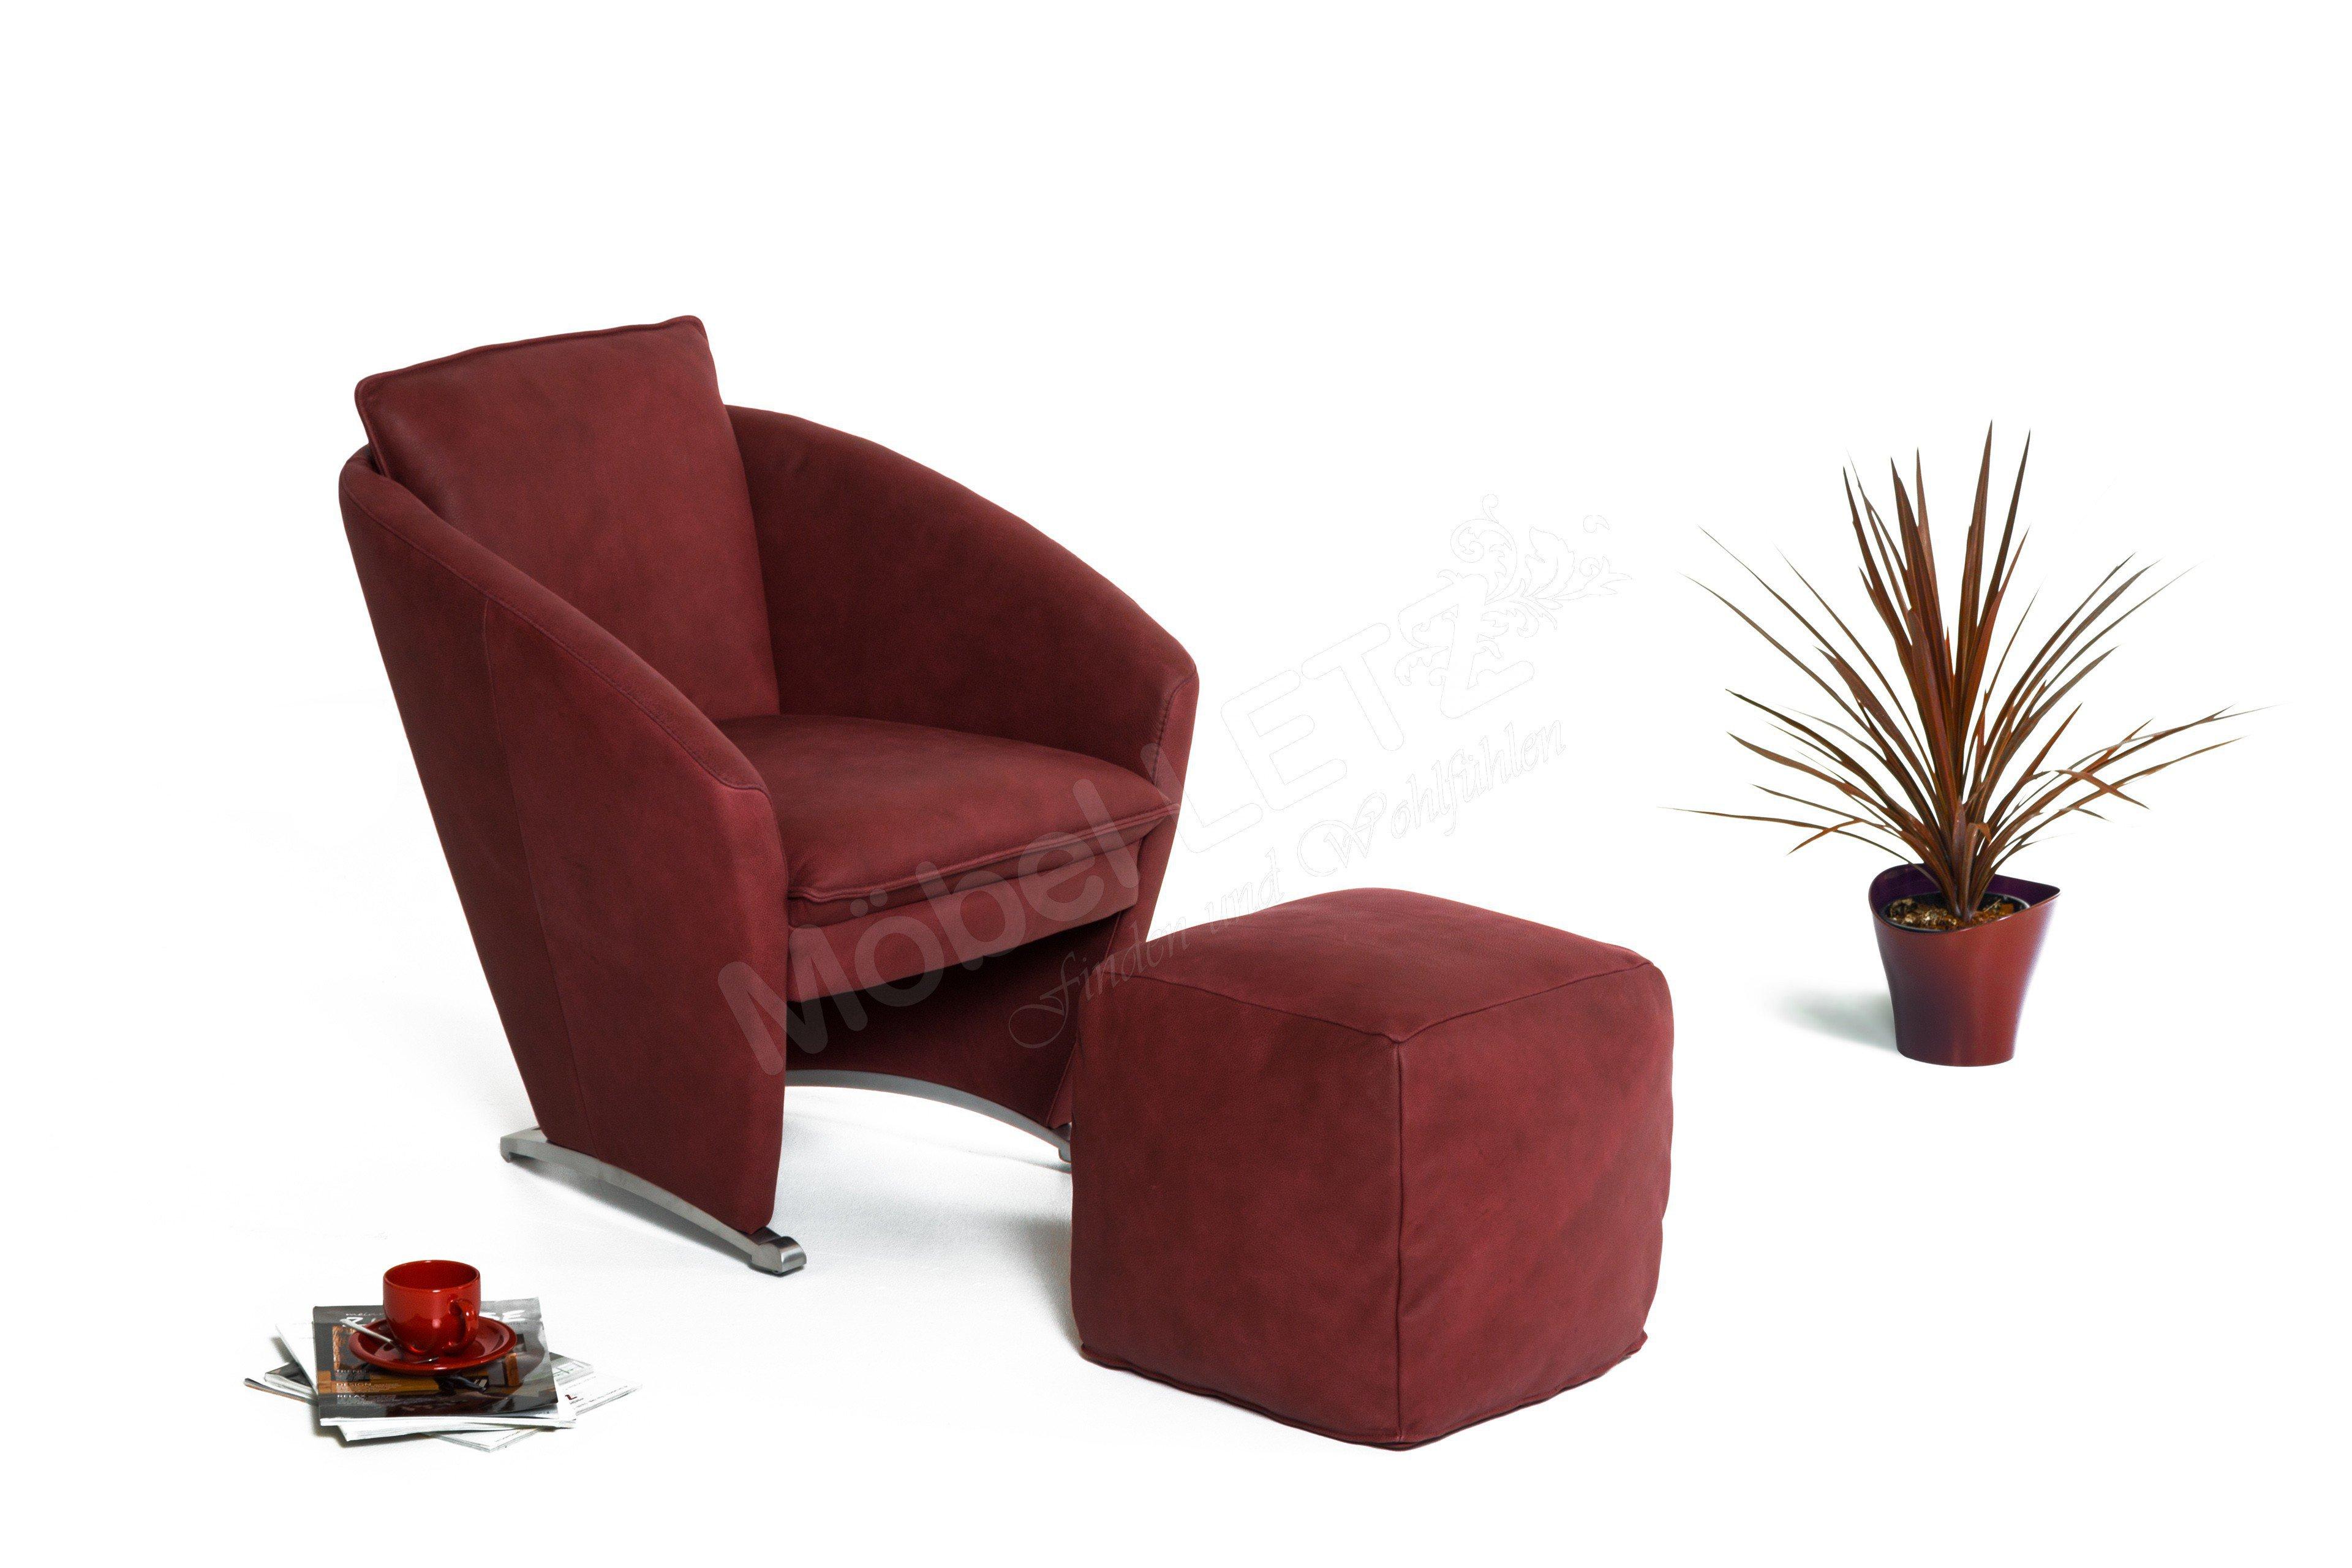 K+W Polstermöbel 7356 Sessel in Rot | Möbel Letz - Ihr Online-Shop